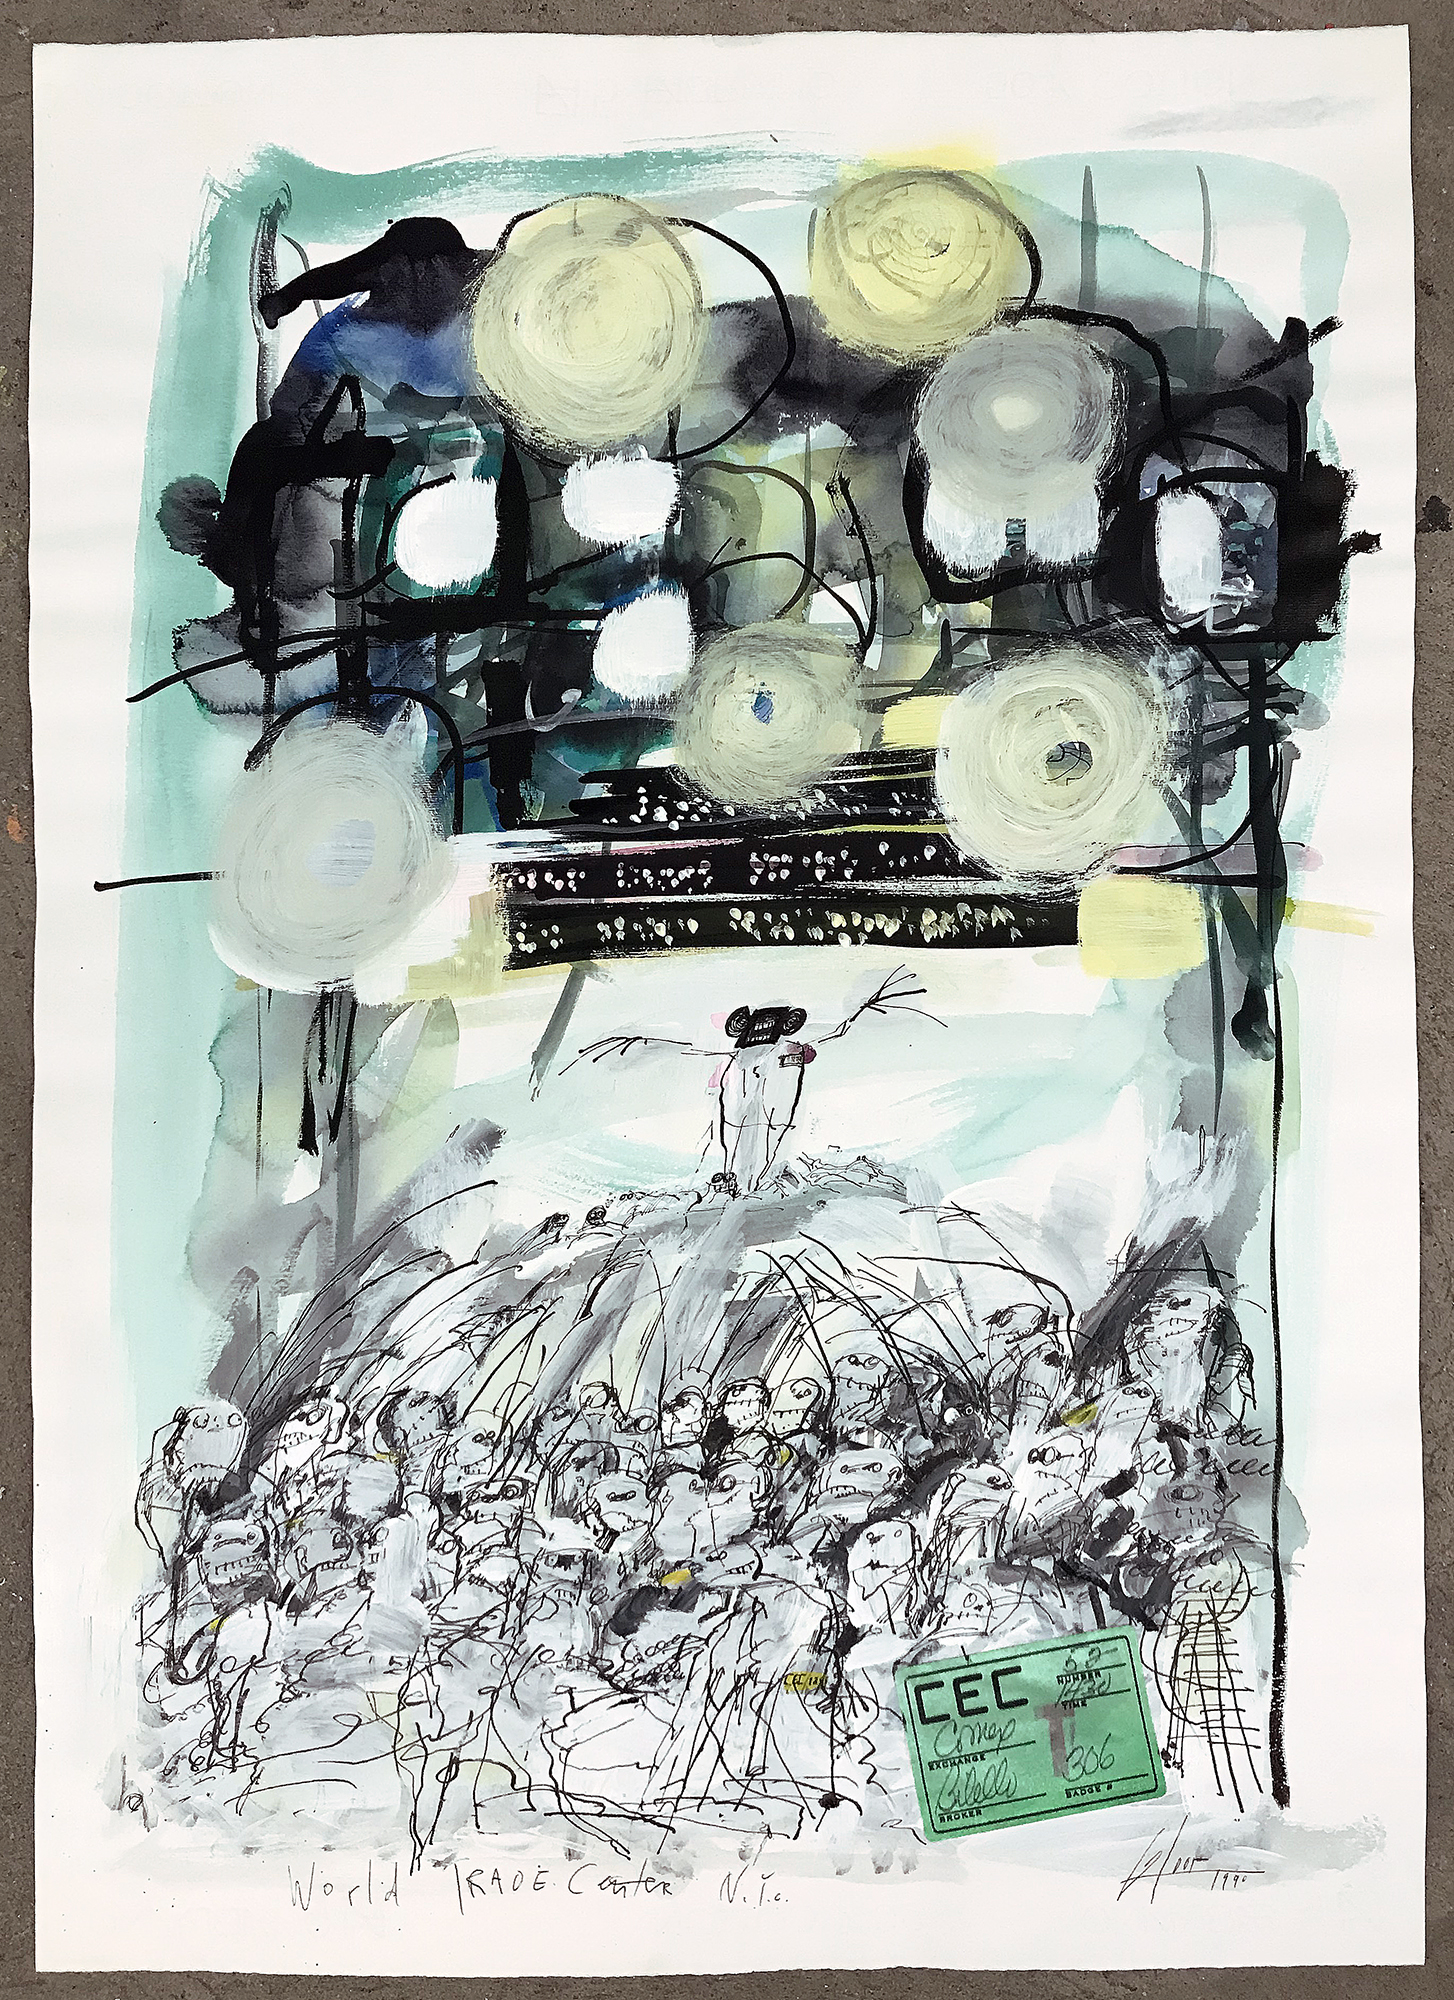 World Trade Center, 1990, Mischtechnik auf Papier, 50 x 70 cm, ohne Rahmen